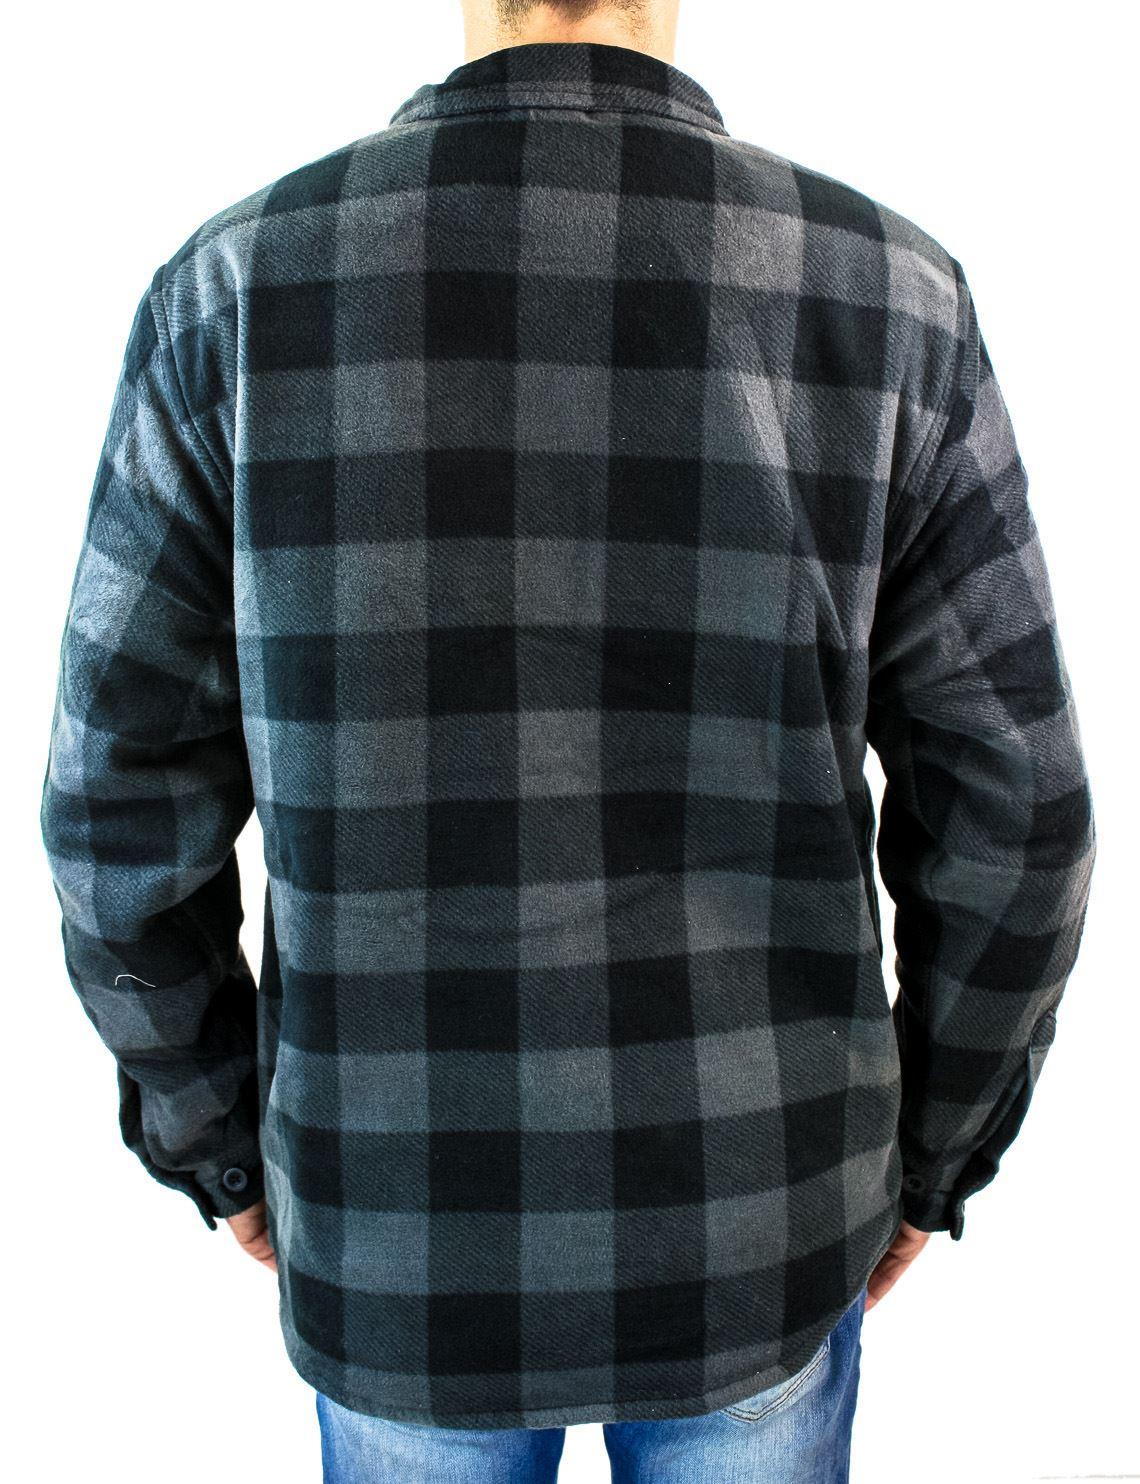 Veste matelass e thermique carreaux chaude hiver chemise for Veste a carreaux homme